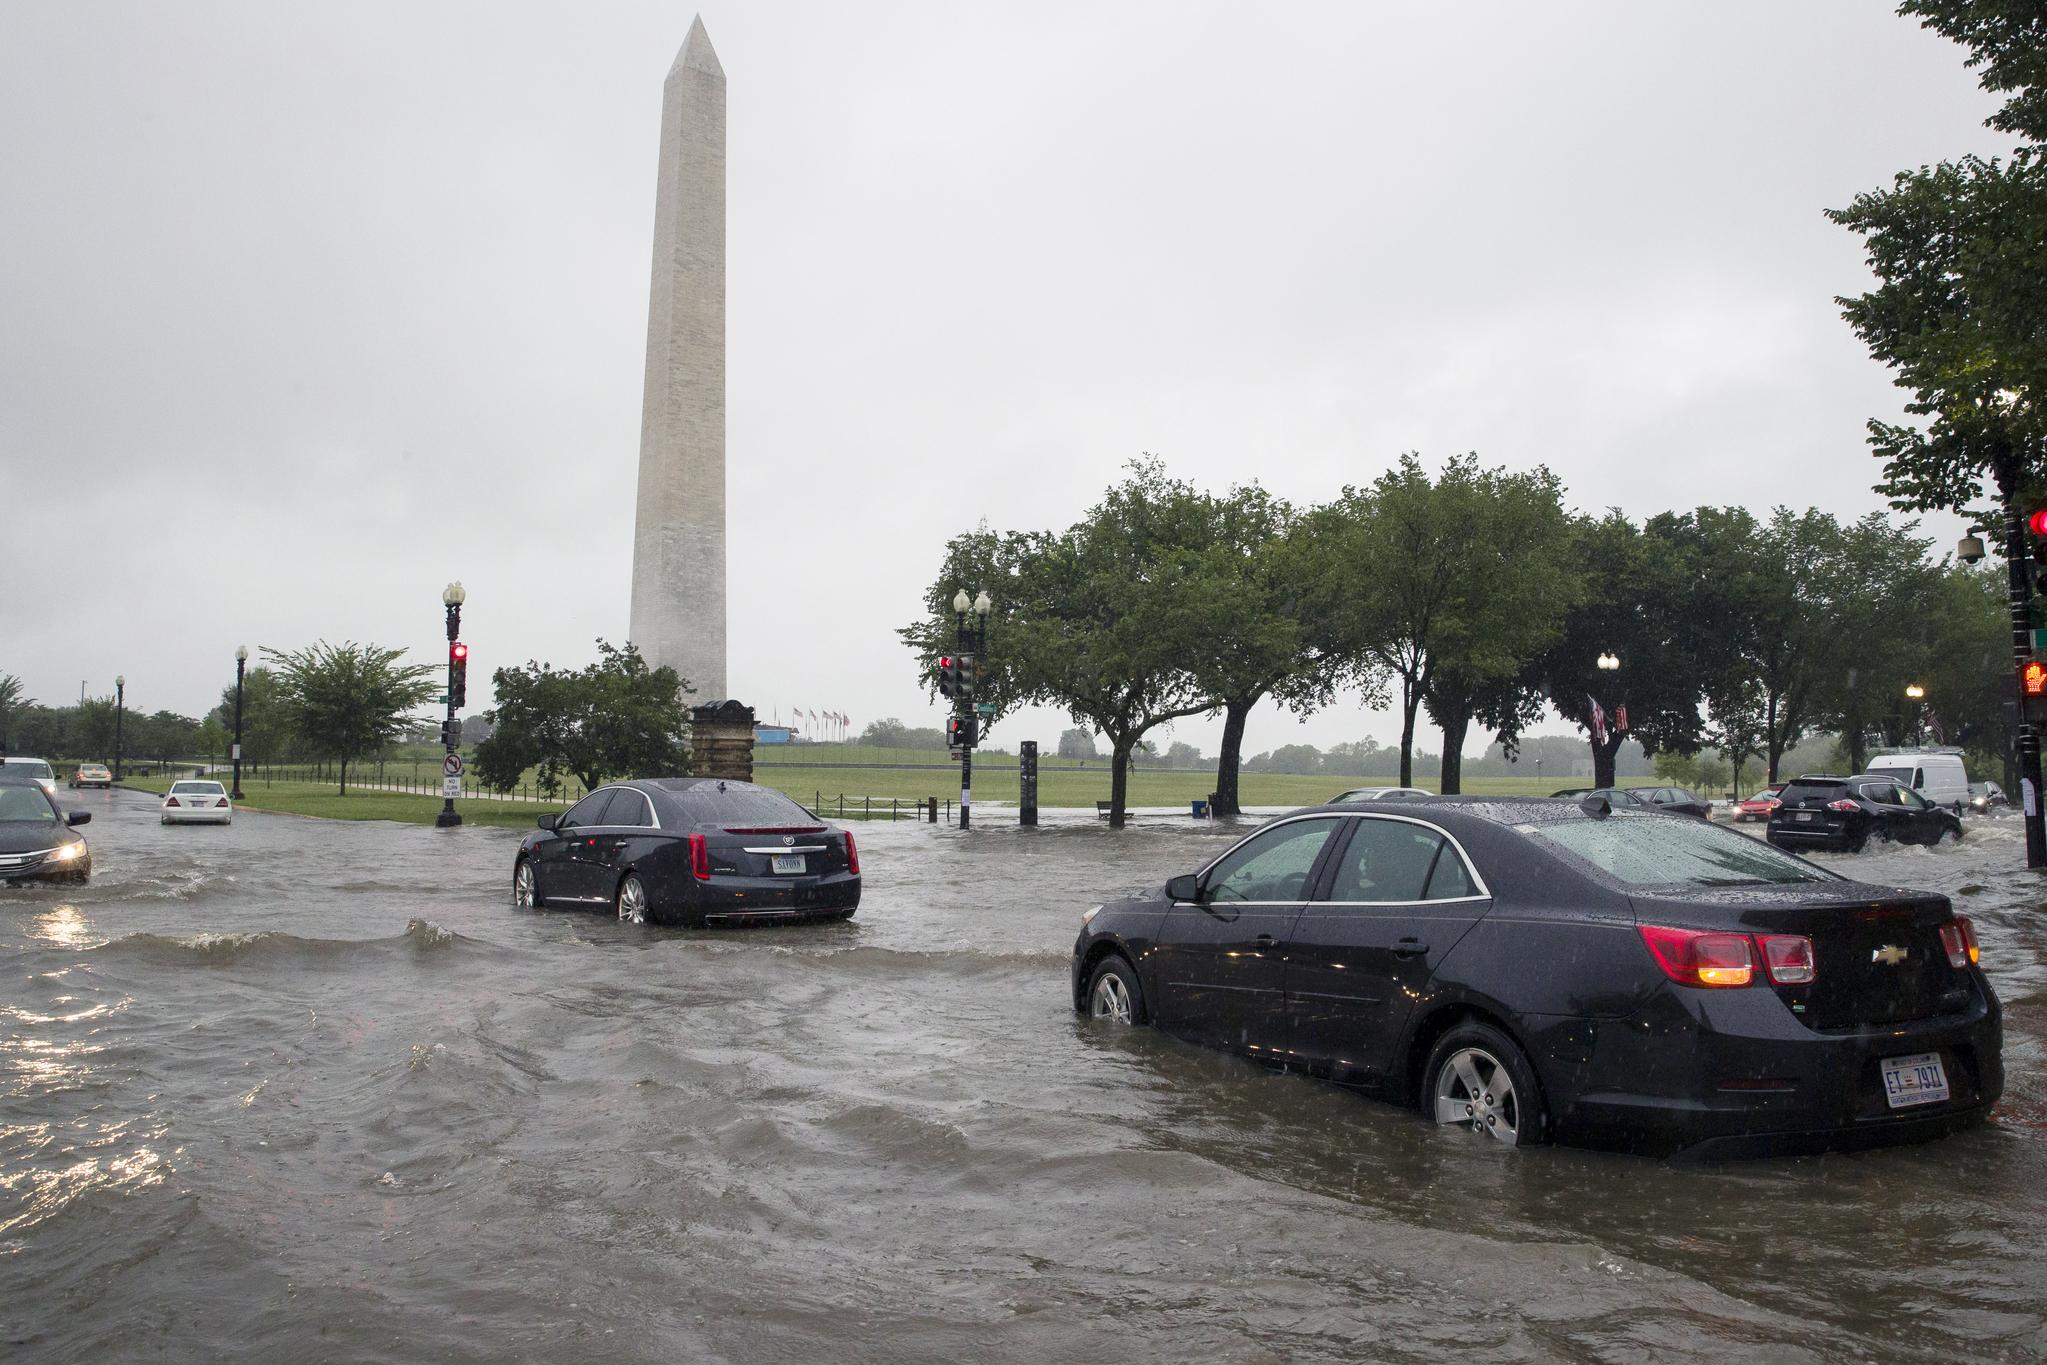 미국 워싱턴 DC 일대에 8일 오전(현지시간) 집중호우가 내렸다. 이날 워싱턴 기념탑 인근 도로가 물에 잠겨 차량이 서행하고 있다. [AP=연합뉴스]